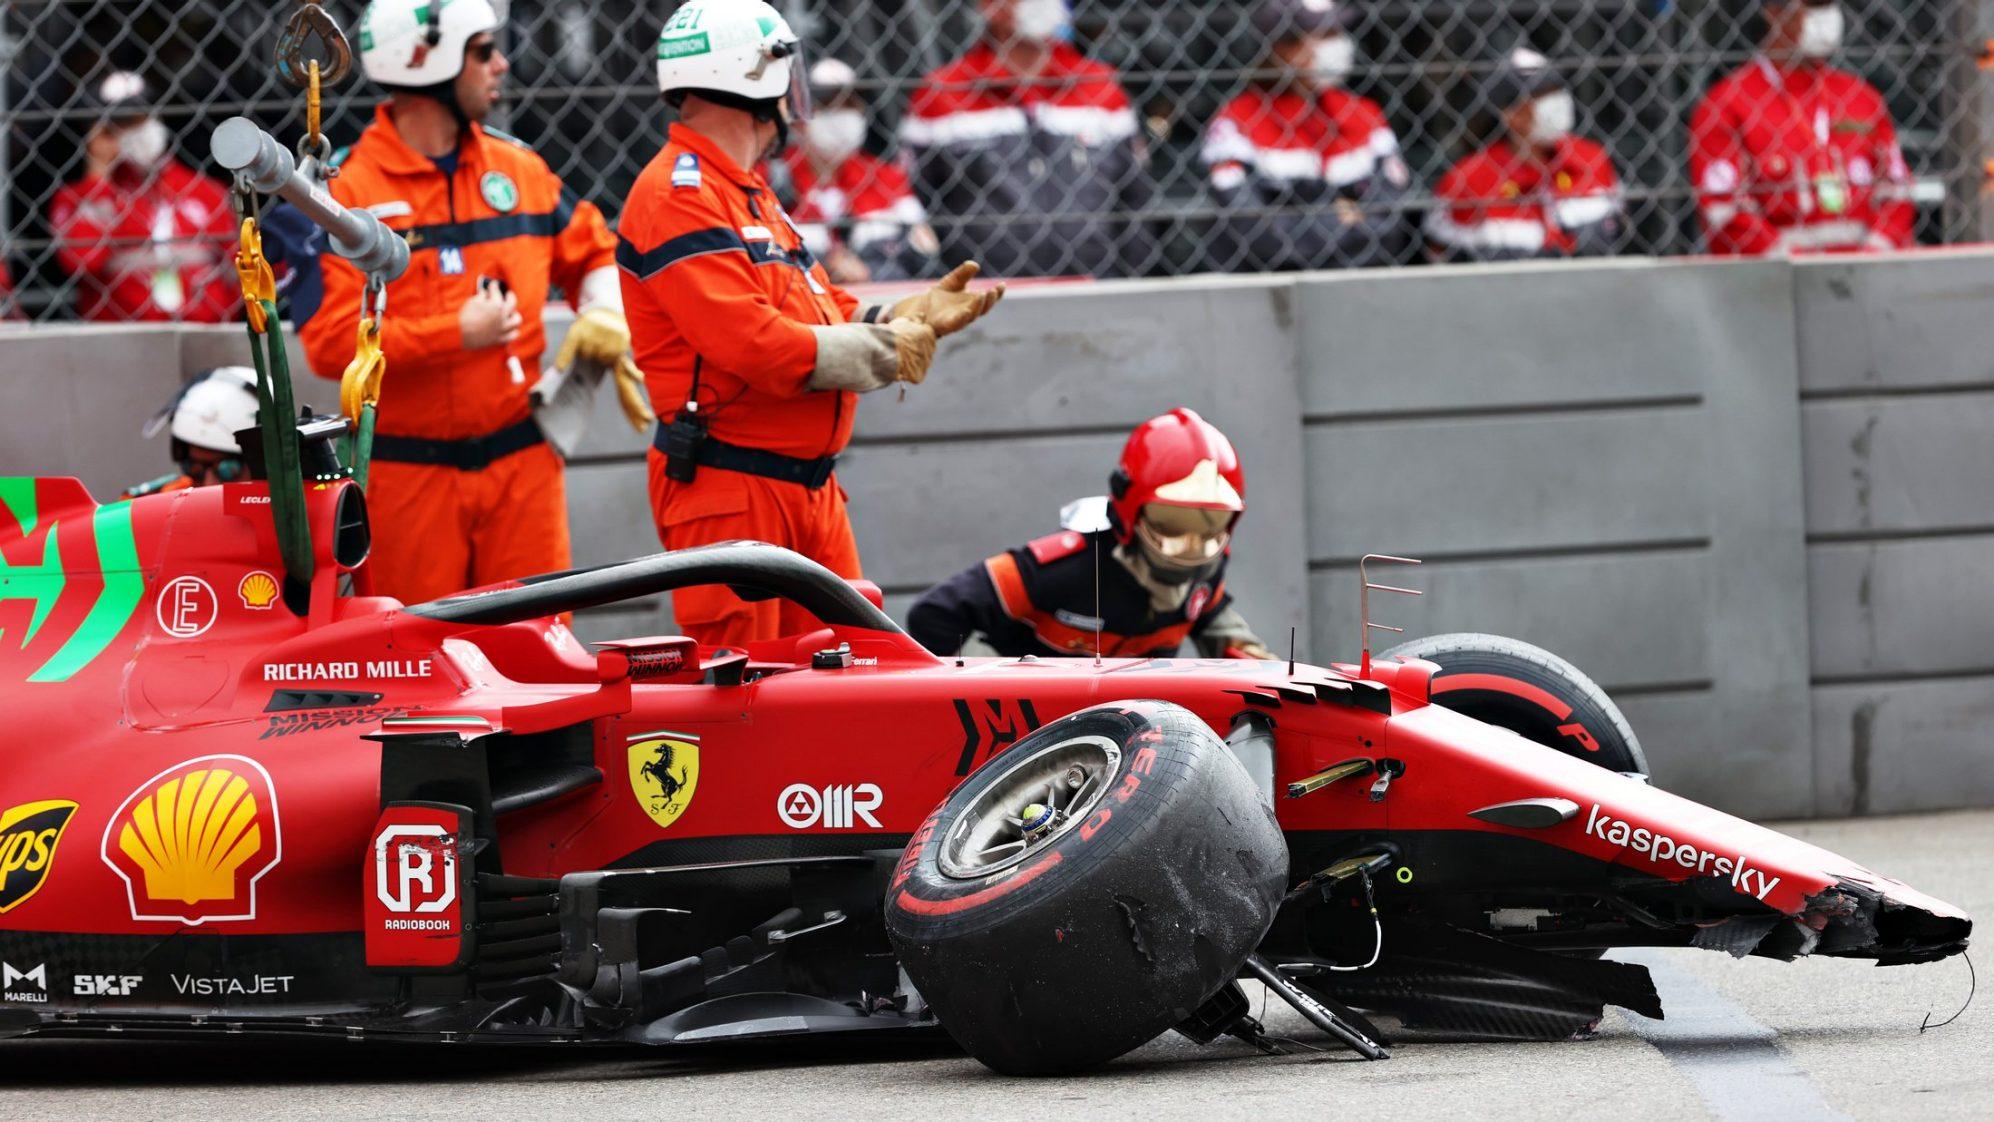 Chiếc SF12 của Leclerc bị hư hỏng phần đầu và bánh bên phải vì va chạm vào rào chắn. Ảnh: F1